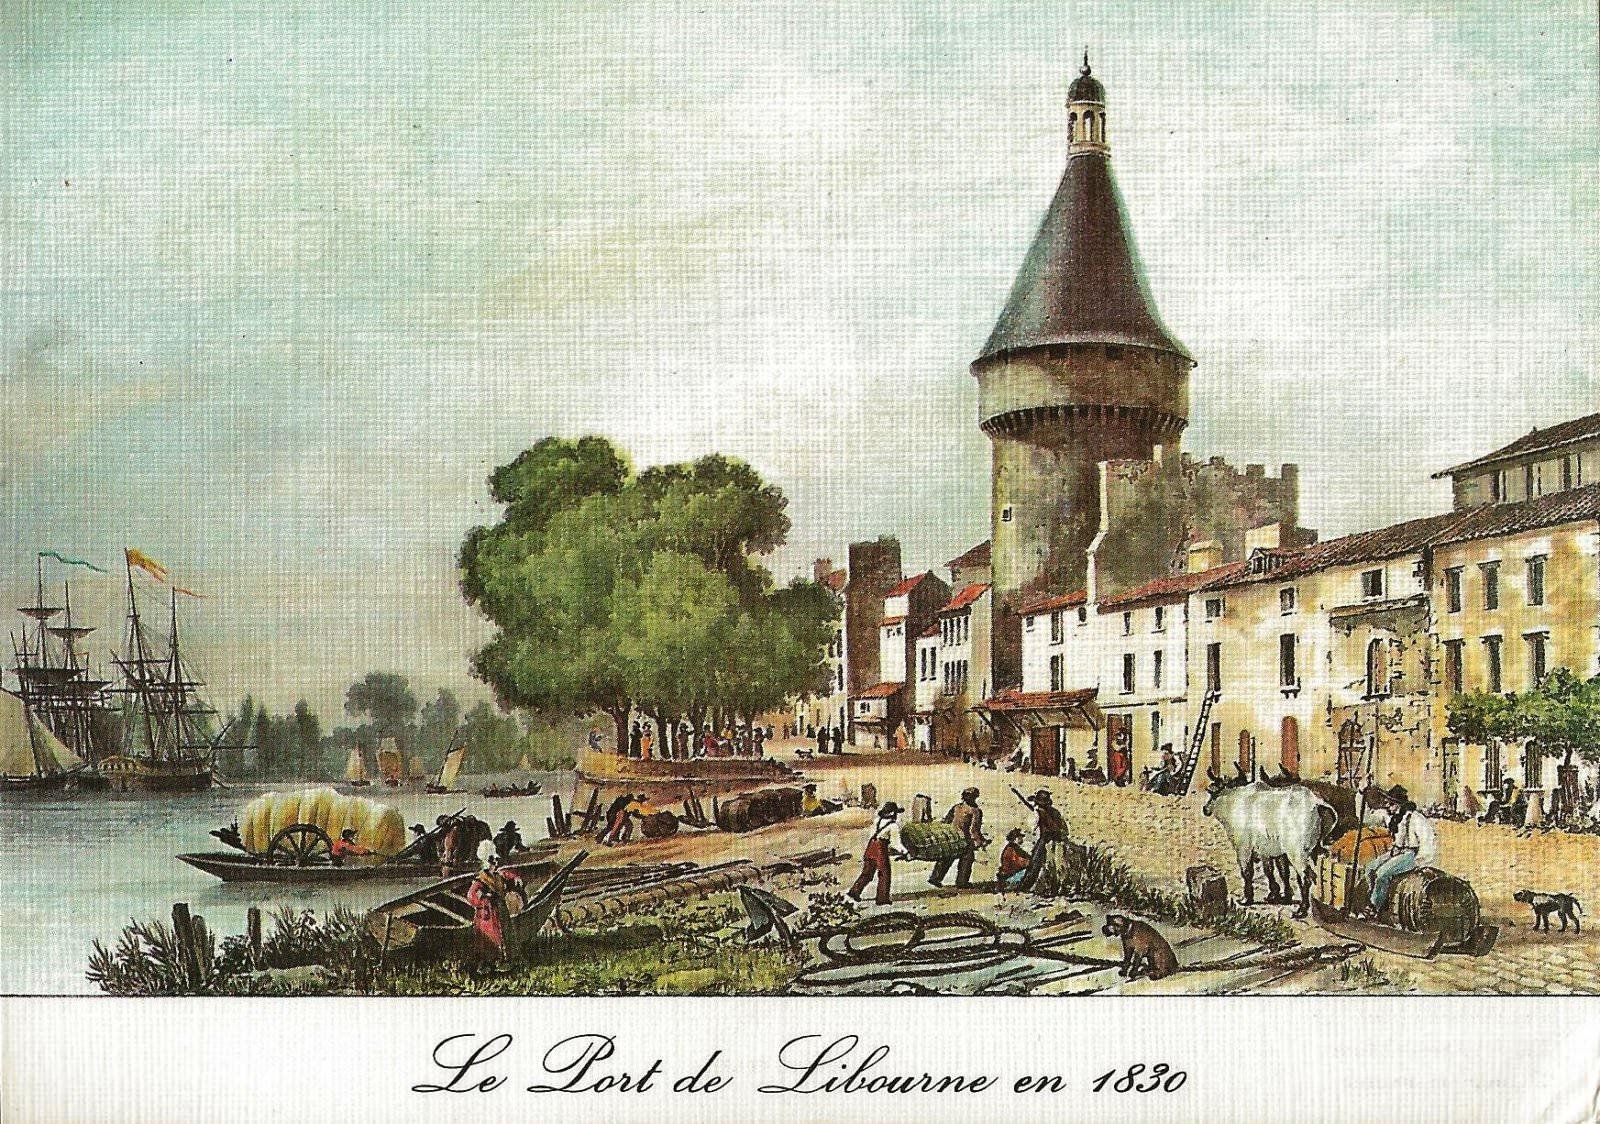 le port de libourne en 1830